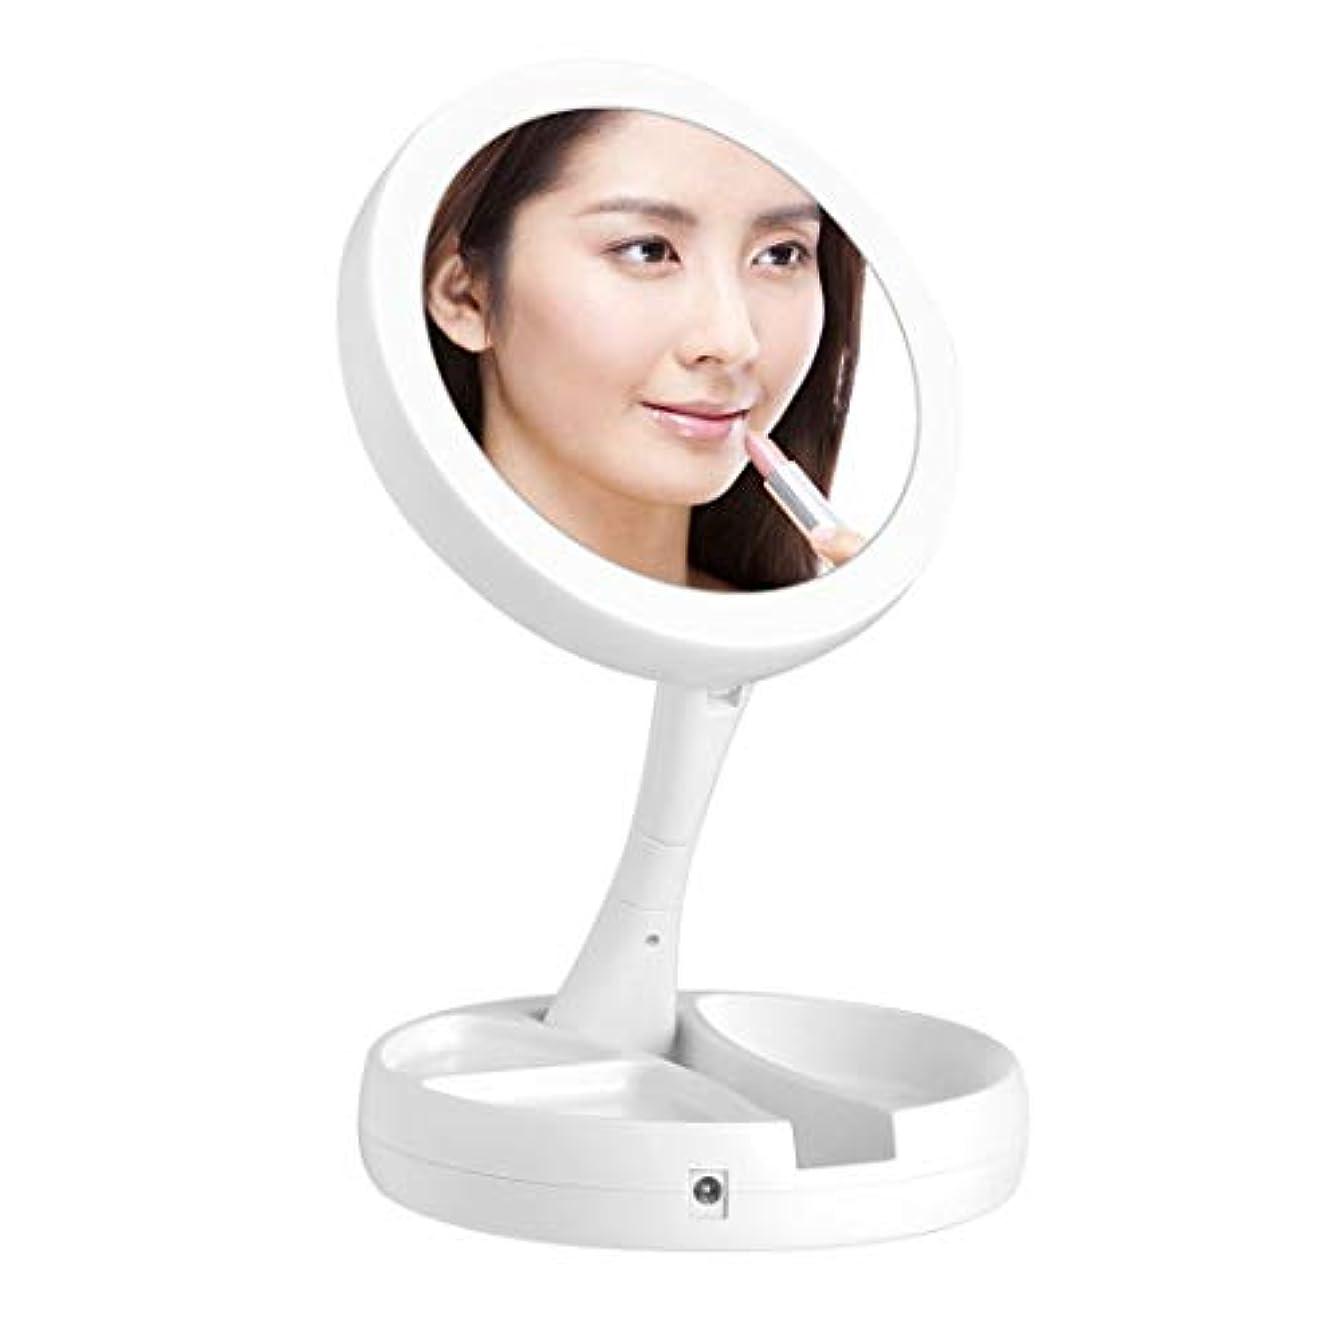 彼女のエンジン重力kamaa化粧鏡 化粧ミラー 女優ミラー LED両面鏡 鏡 10倍拡大鏡付き 折り畳み式 卓上 テーブルランプUSB/電池給電 180°回転